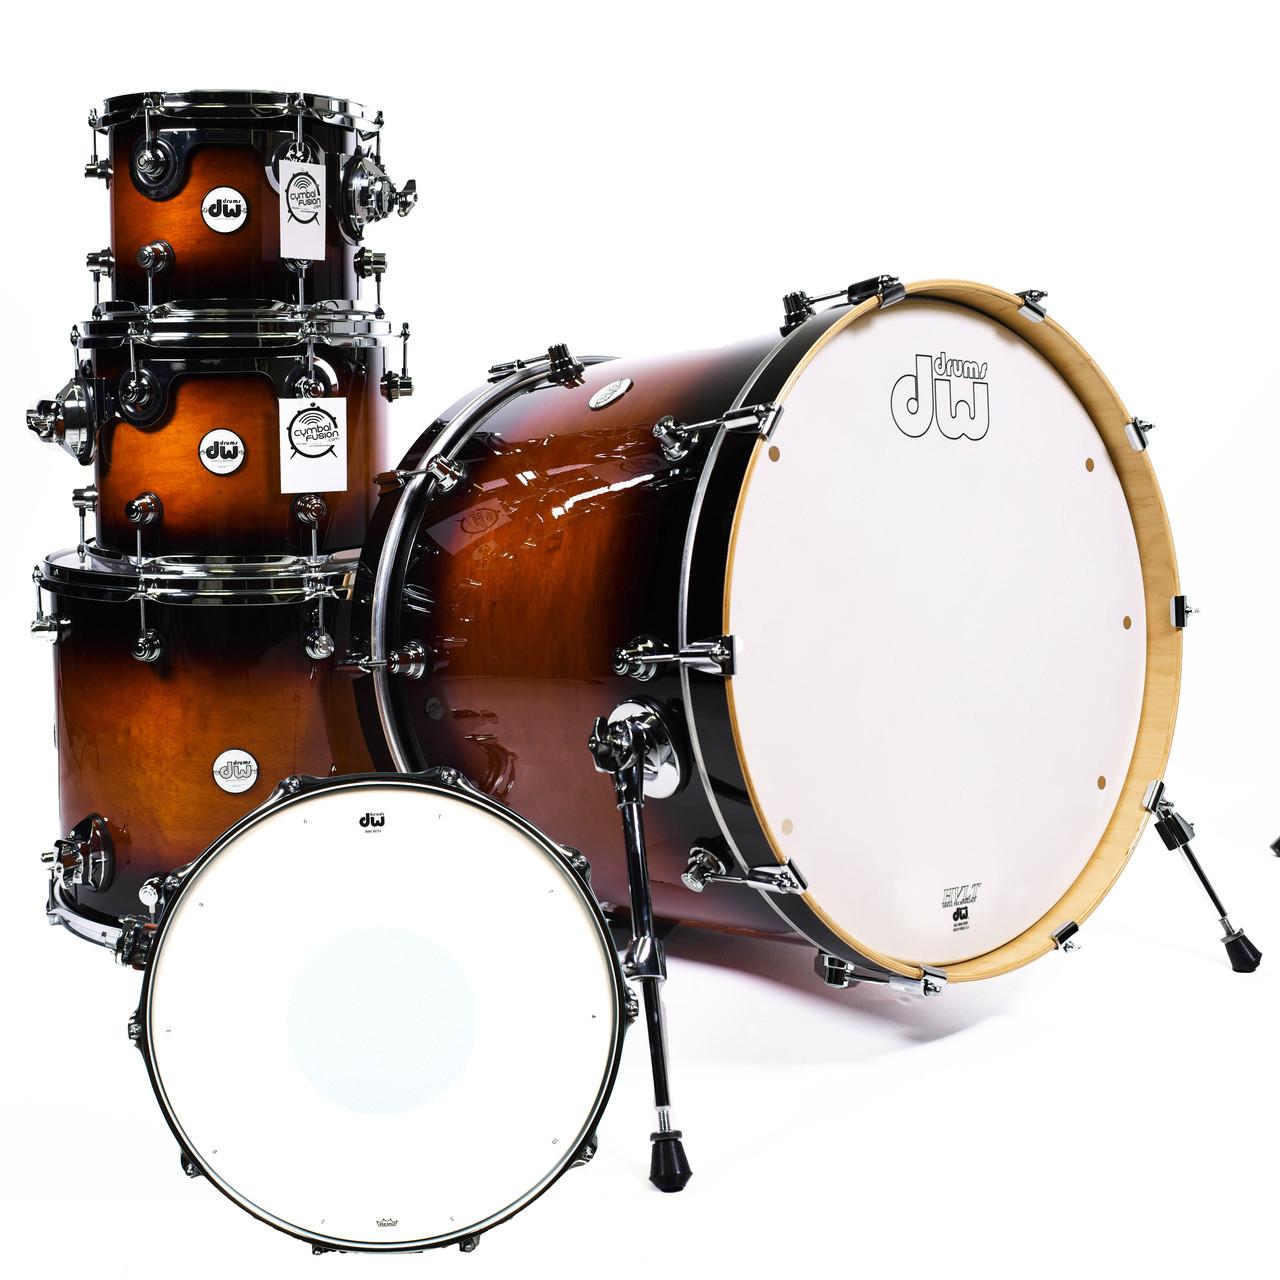 dw design series drum set 22 10 12 16 14 tobacco burst. Black Bedroom Furniture Sets. Home Design Ideas